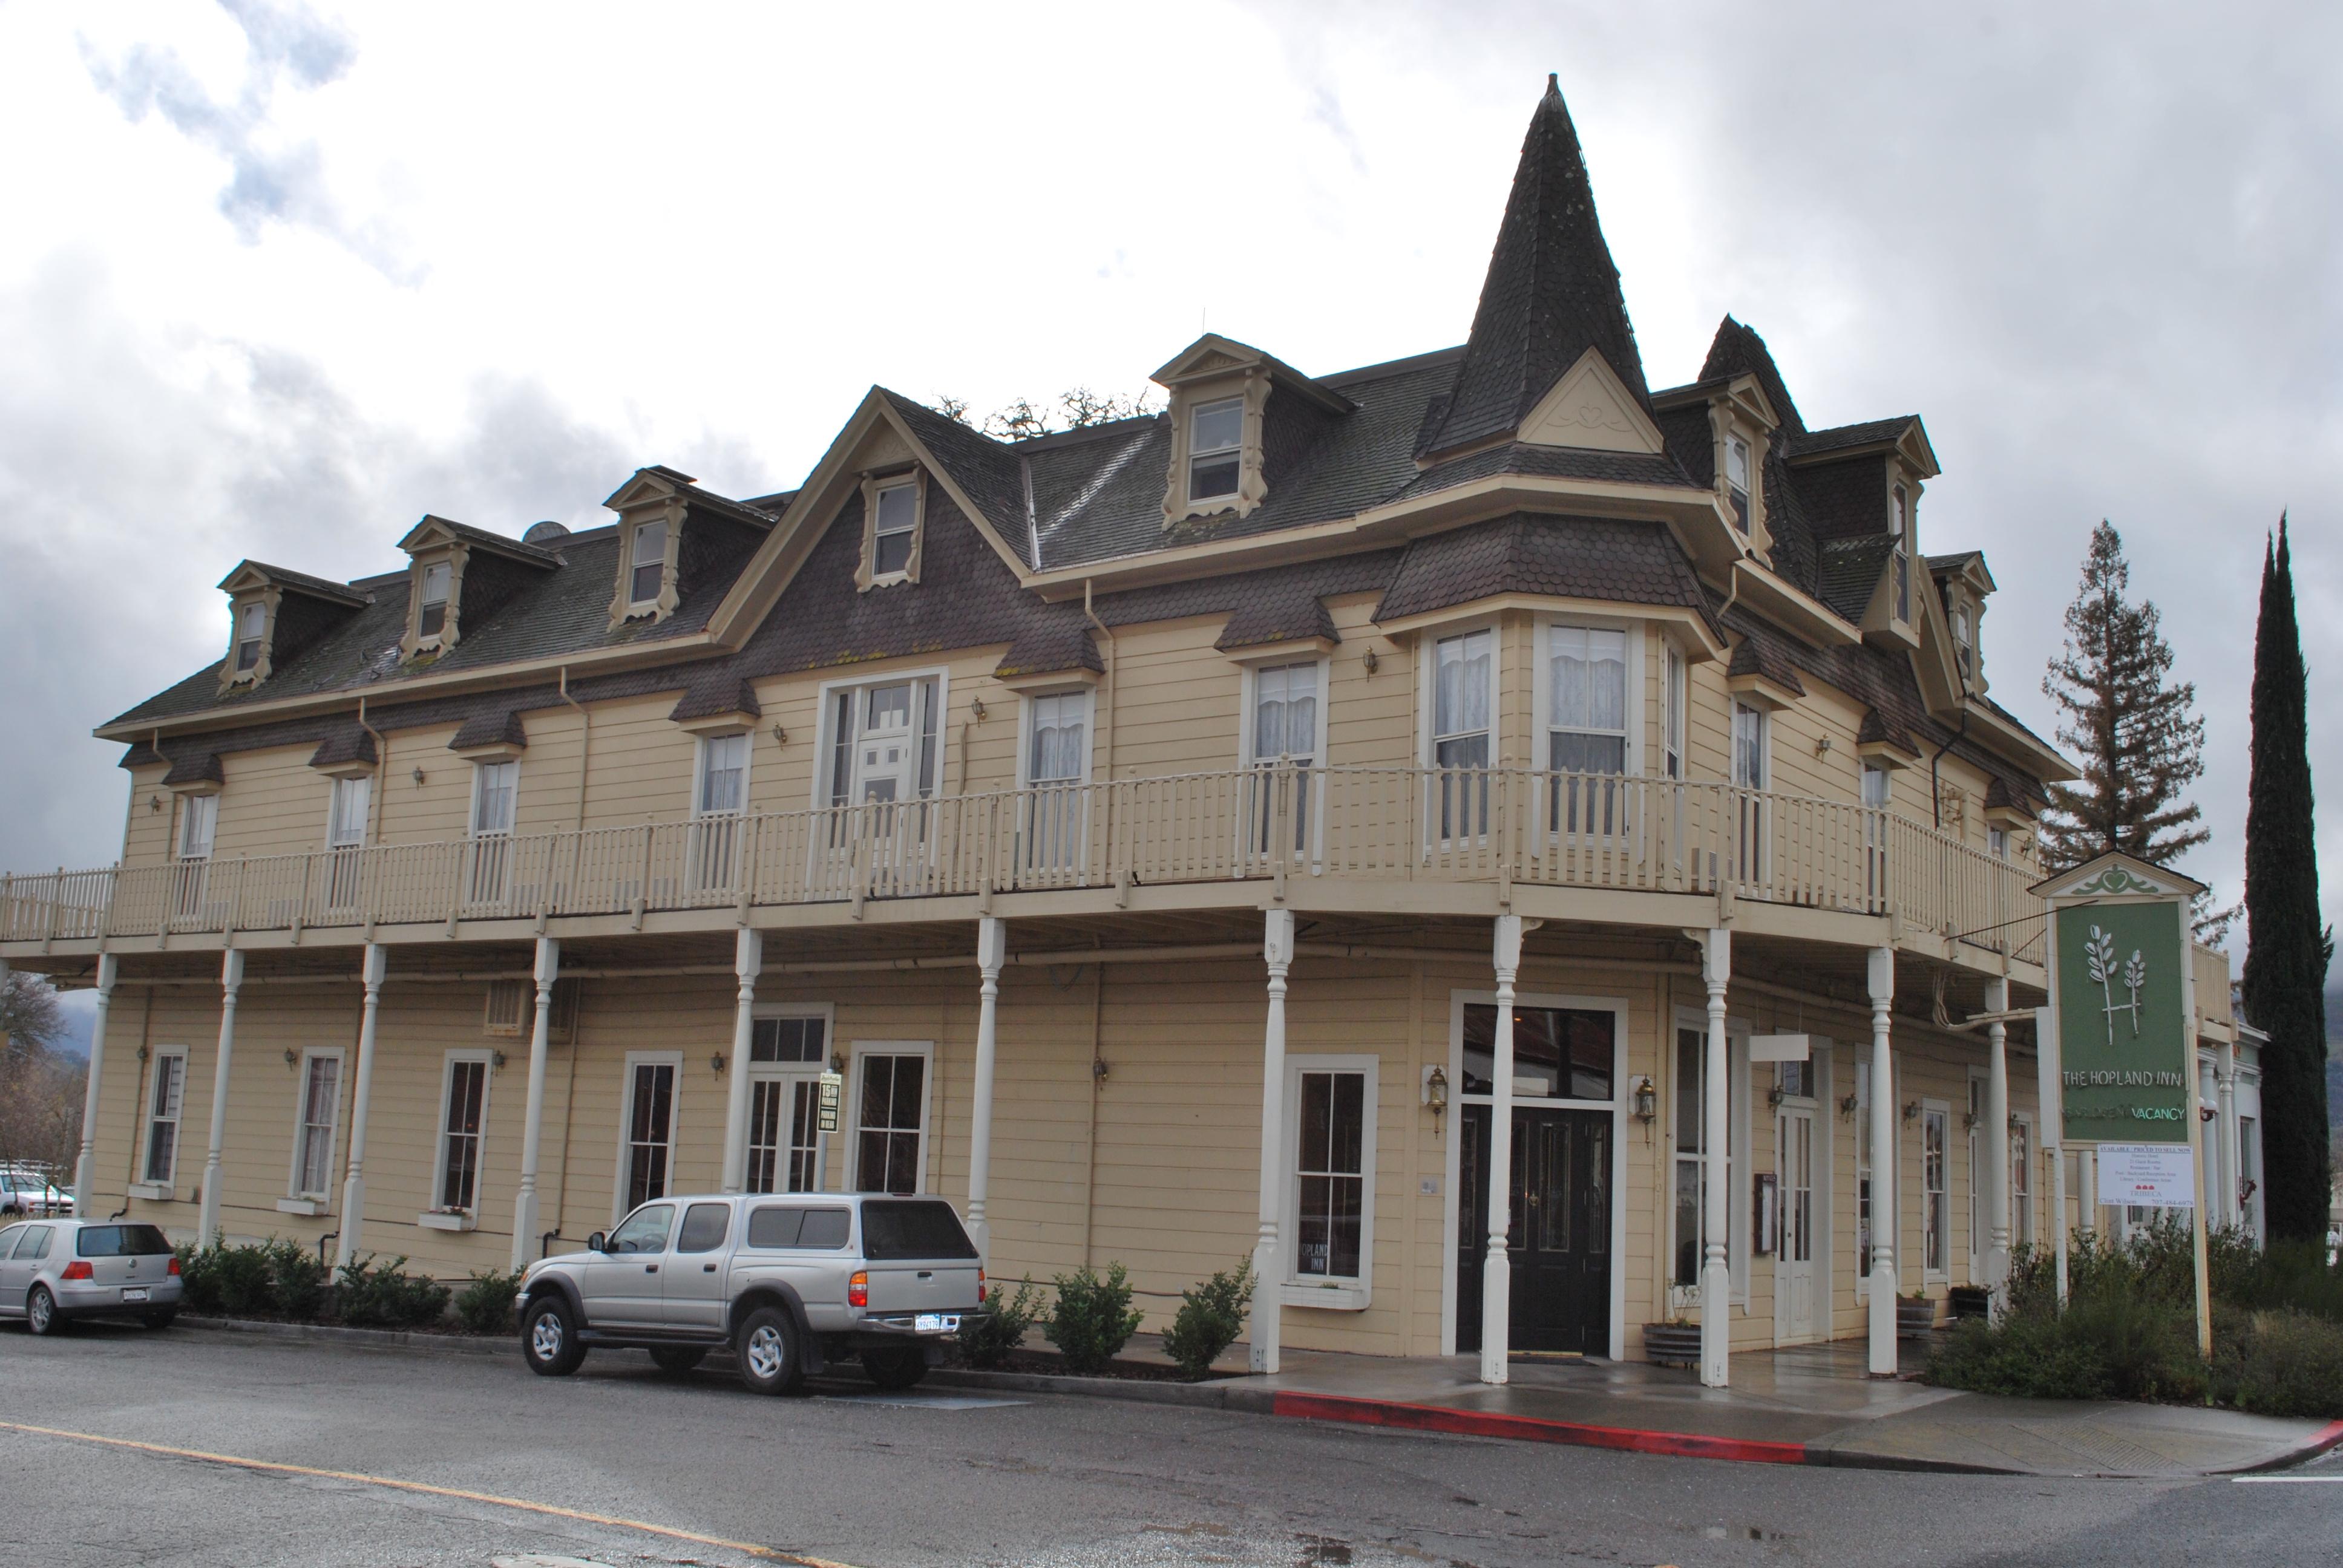 The historic Hopland Inn